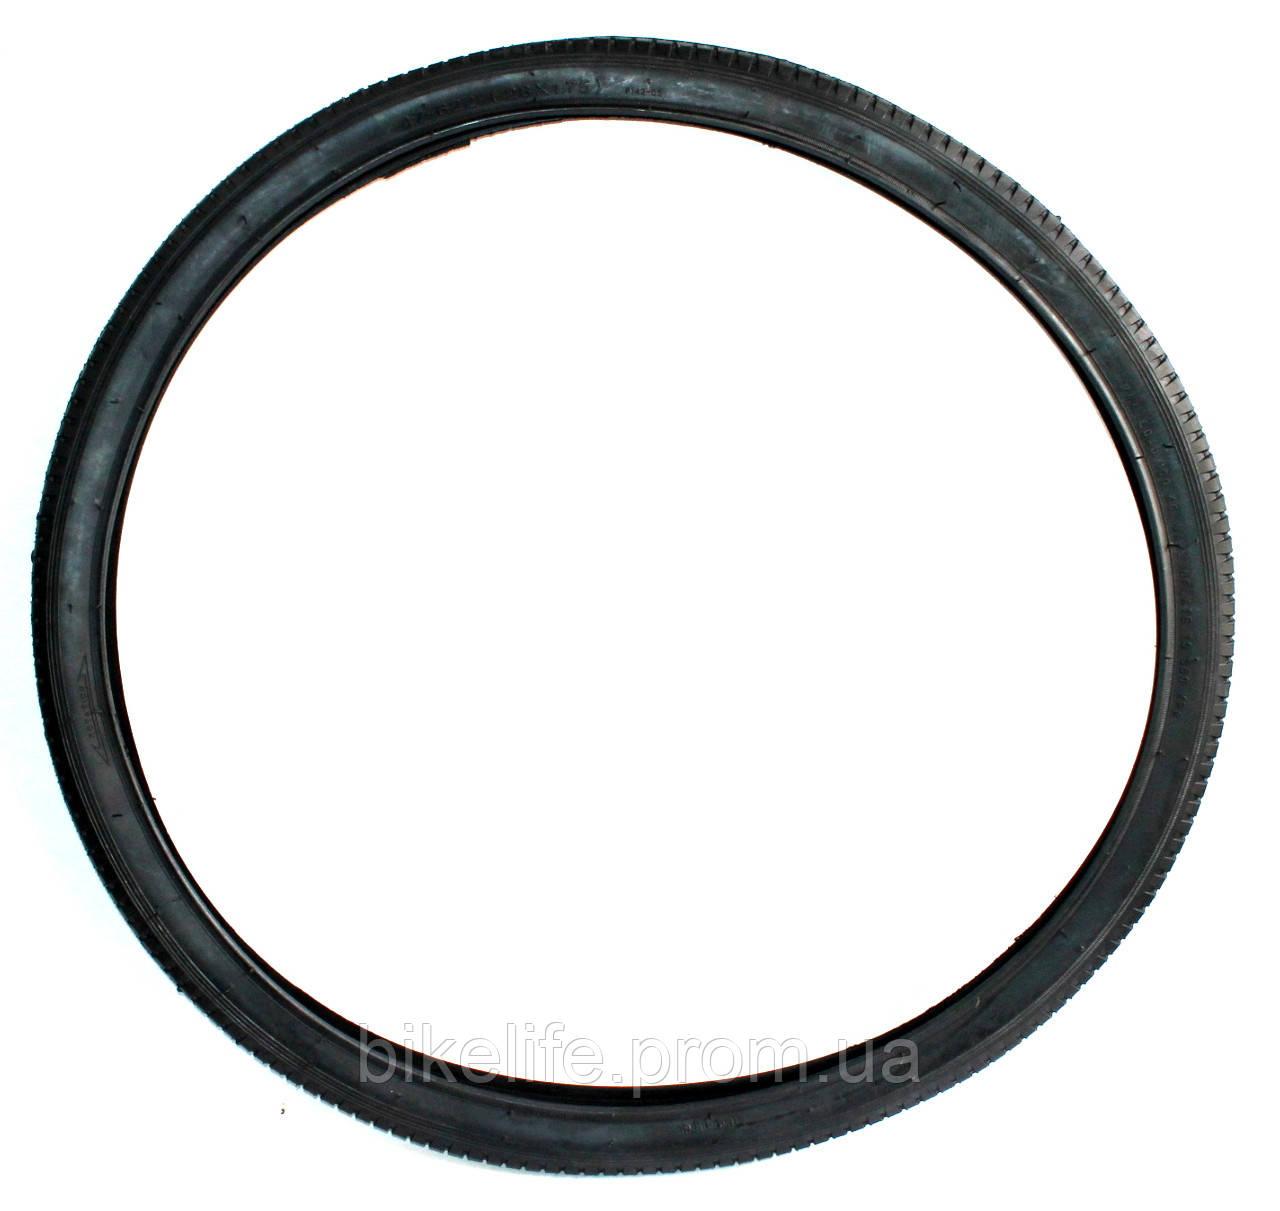 Вело-покрышка (шина) WANDA 28*1.75